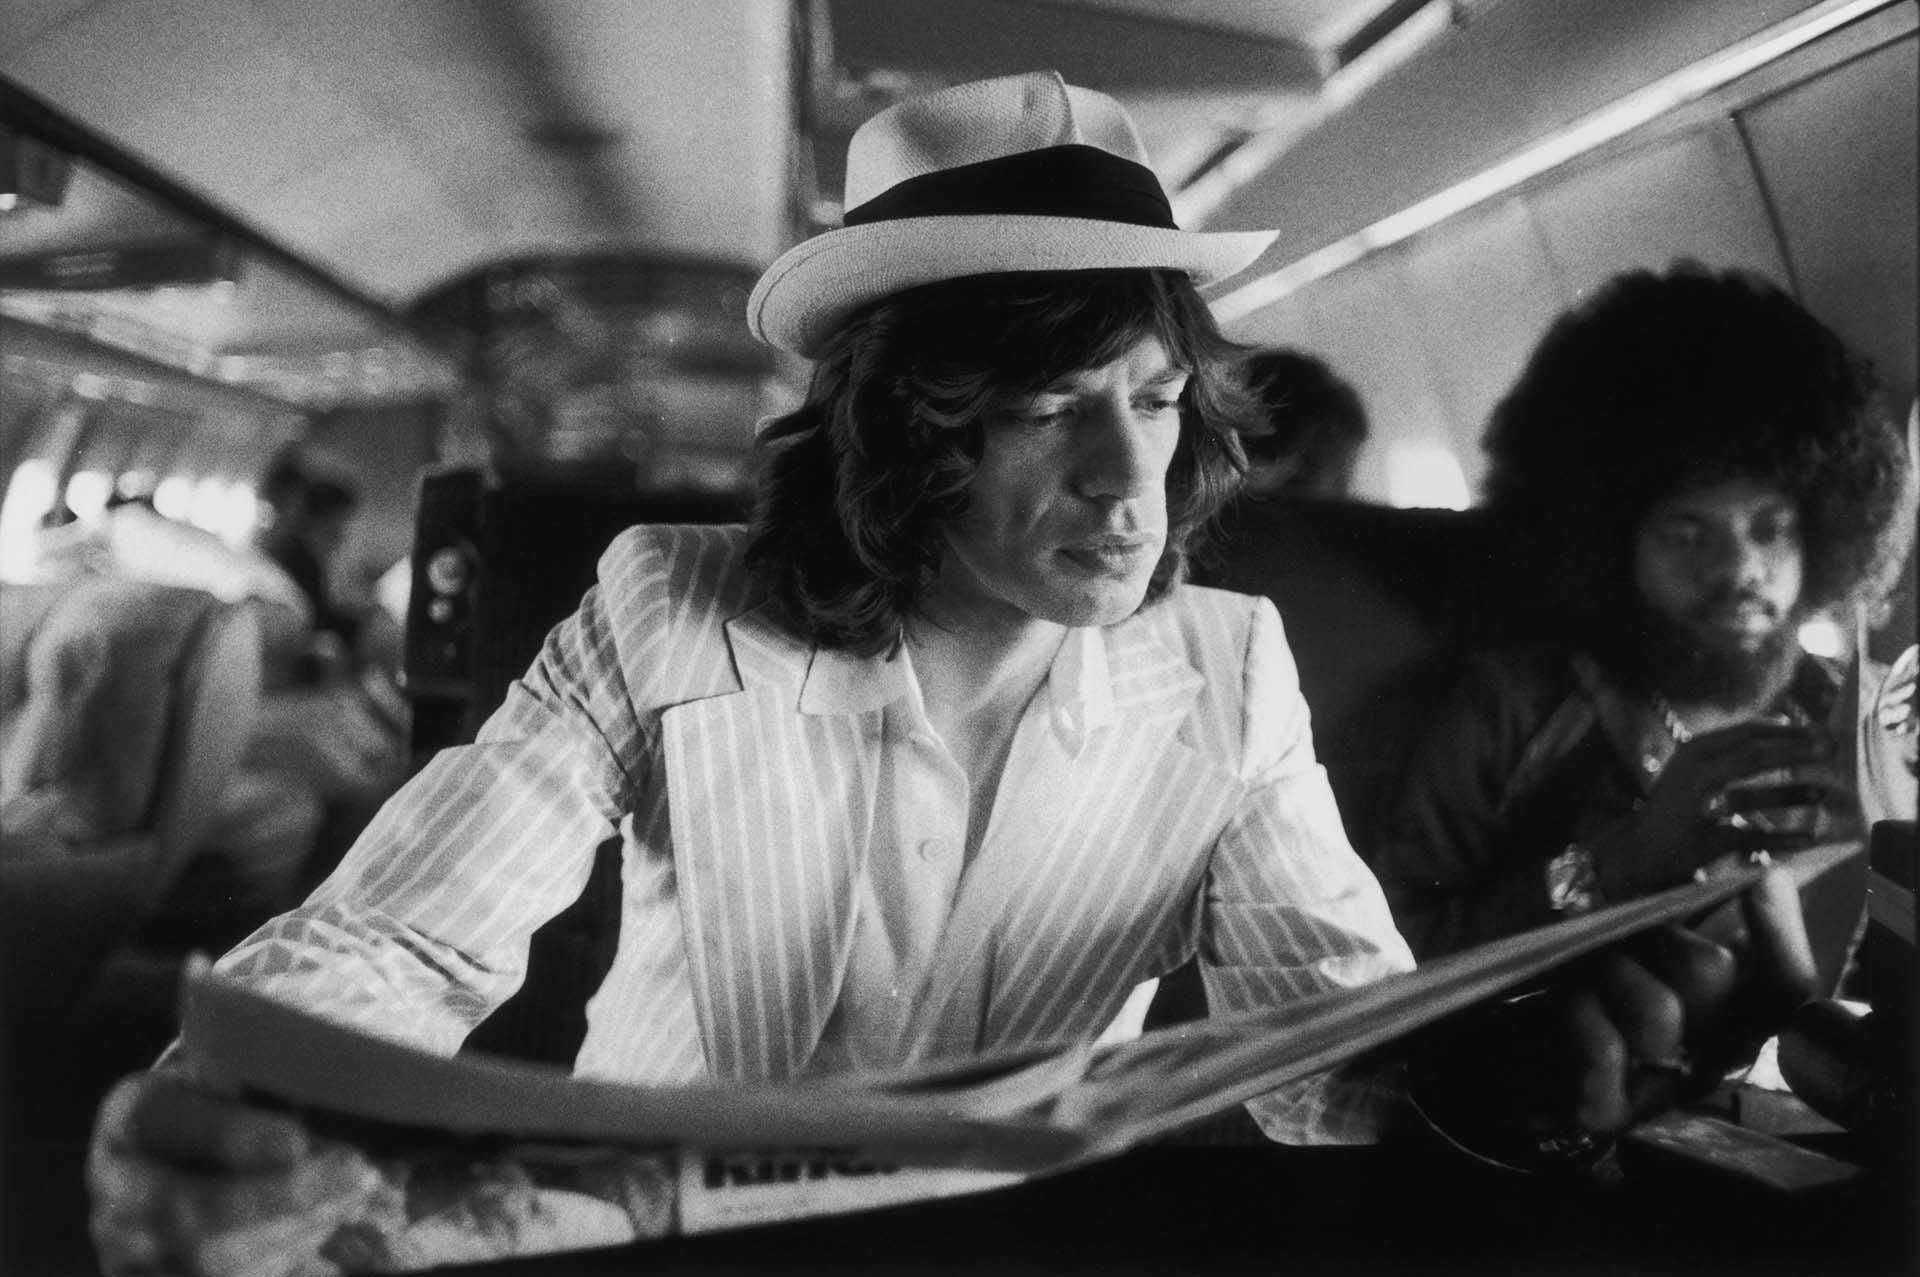 Mick Jagger lee los periódicosmientras viaja entre conciertos en el jet privado de los Rolling Stones durante su Tour of the Americas de 1975. También a bordo está el tecladista estadounidense Billy Preston (derecha).